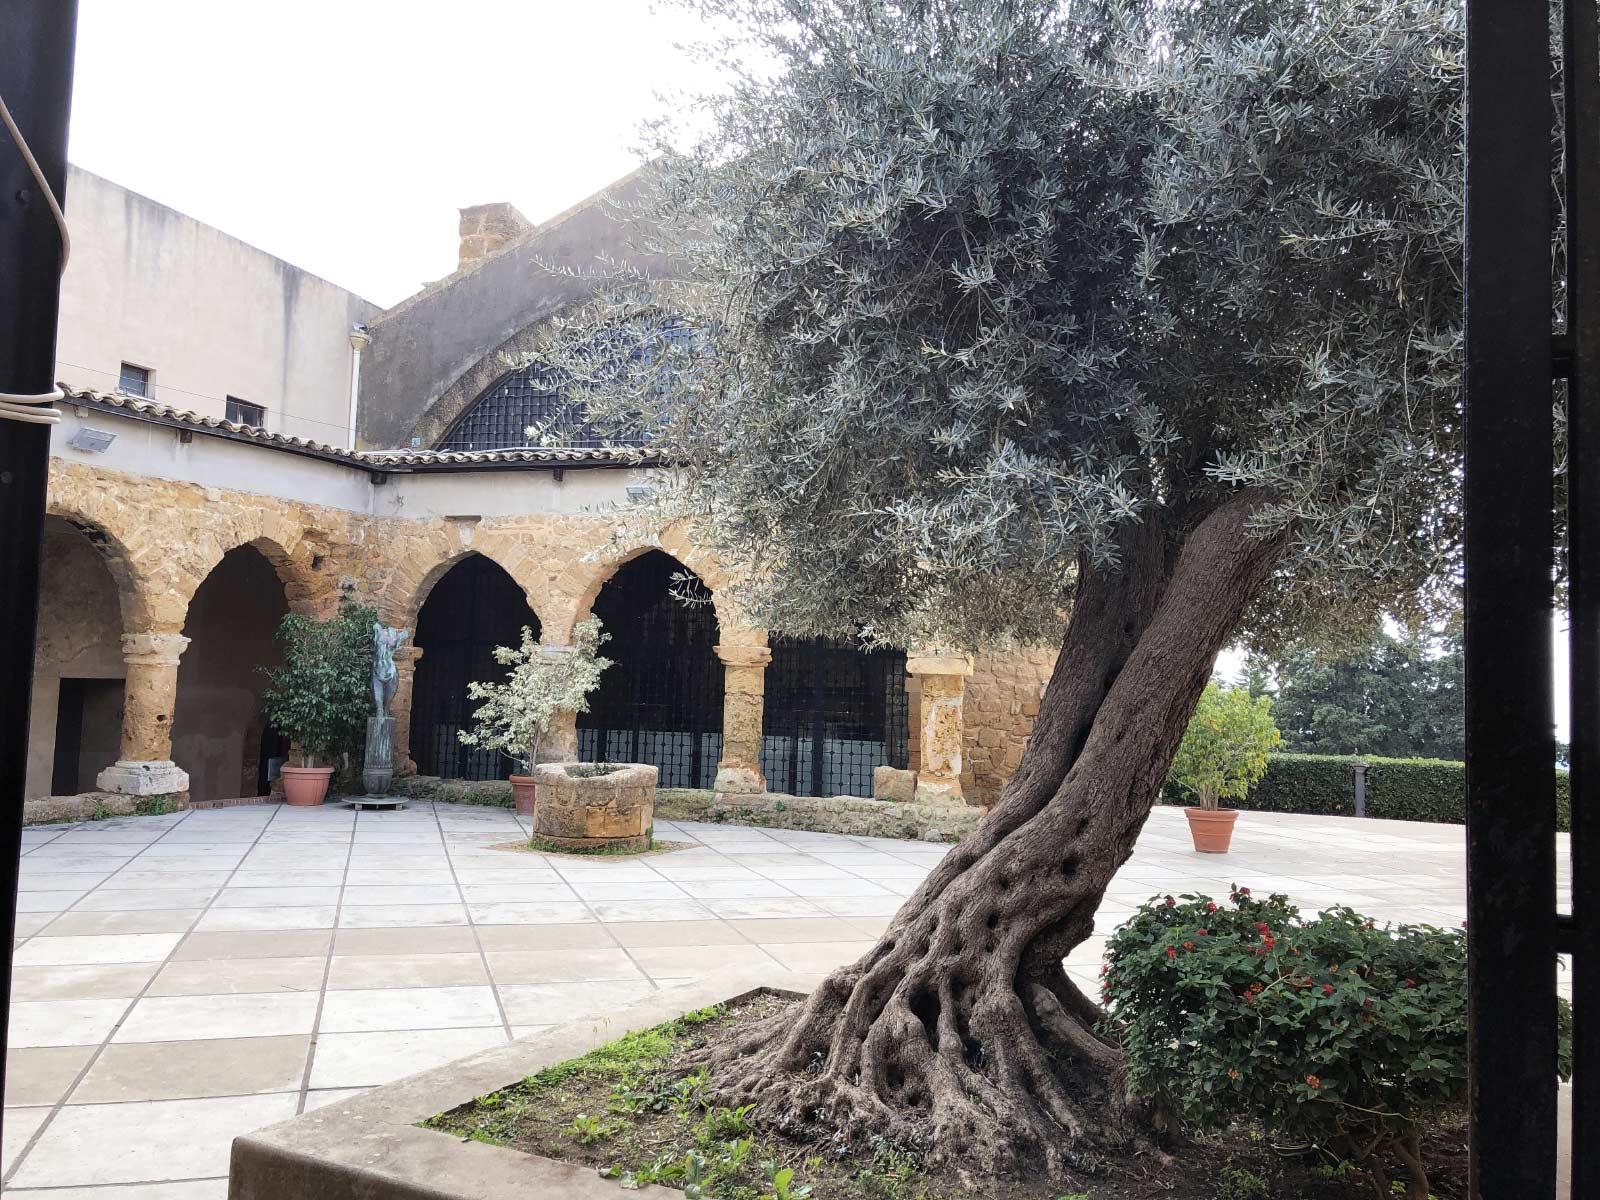 Il chiostro davanti al Museo Archeologico di Agrigento. Un ulivo in primo piano